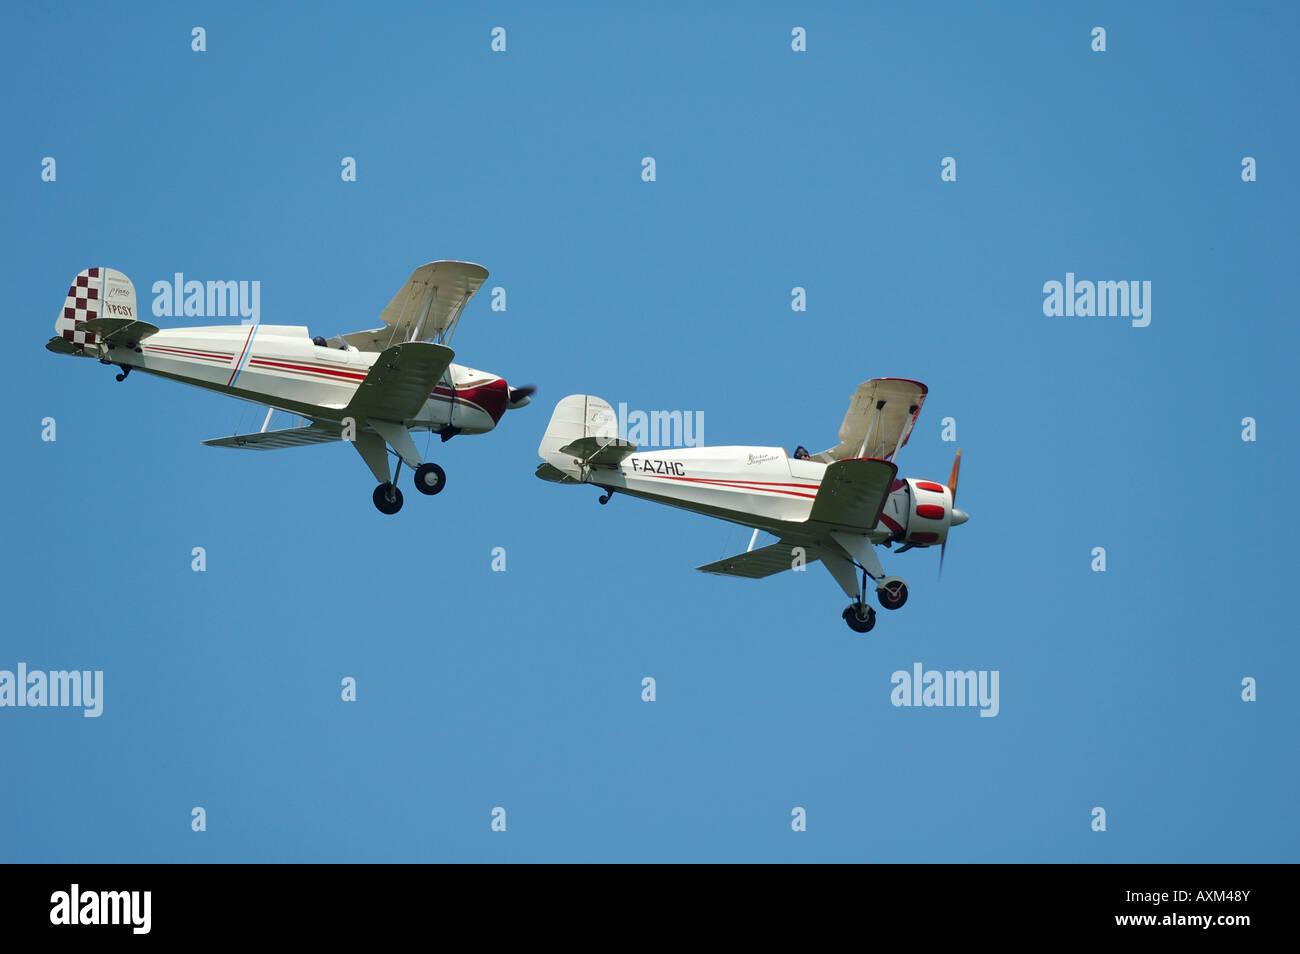 30 ans vieux biplans allemands Tronçonneur Bu 131 Jungmann (à gauche) et Tronçonneur Bu 133 Jungmeister Photo Stock